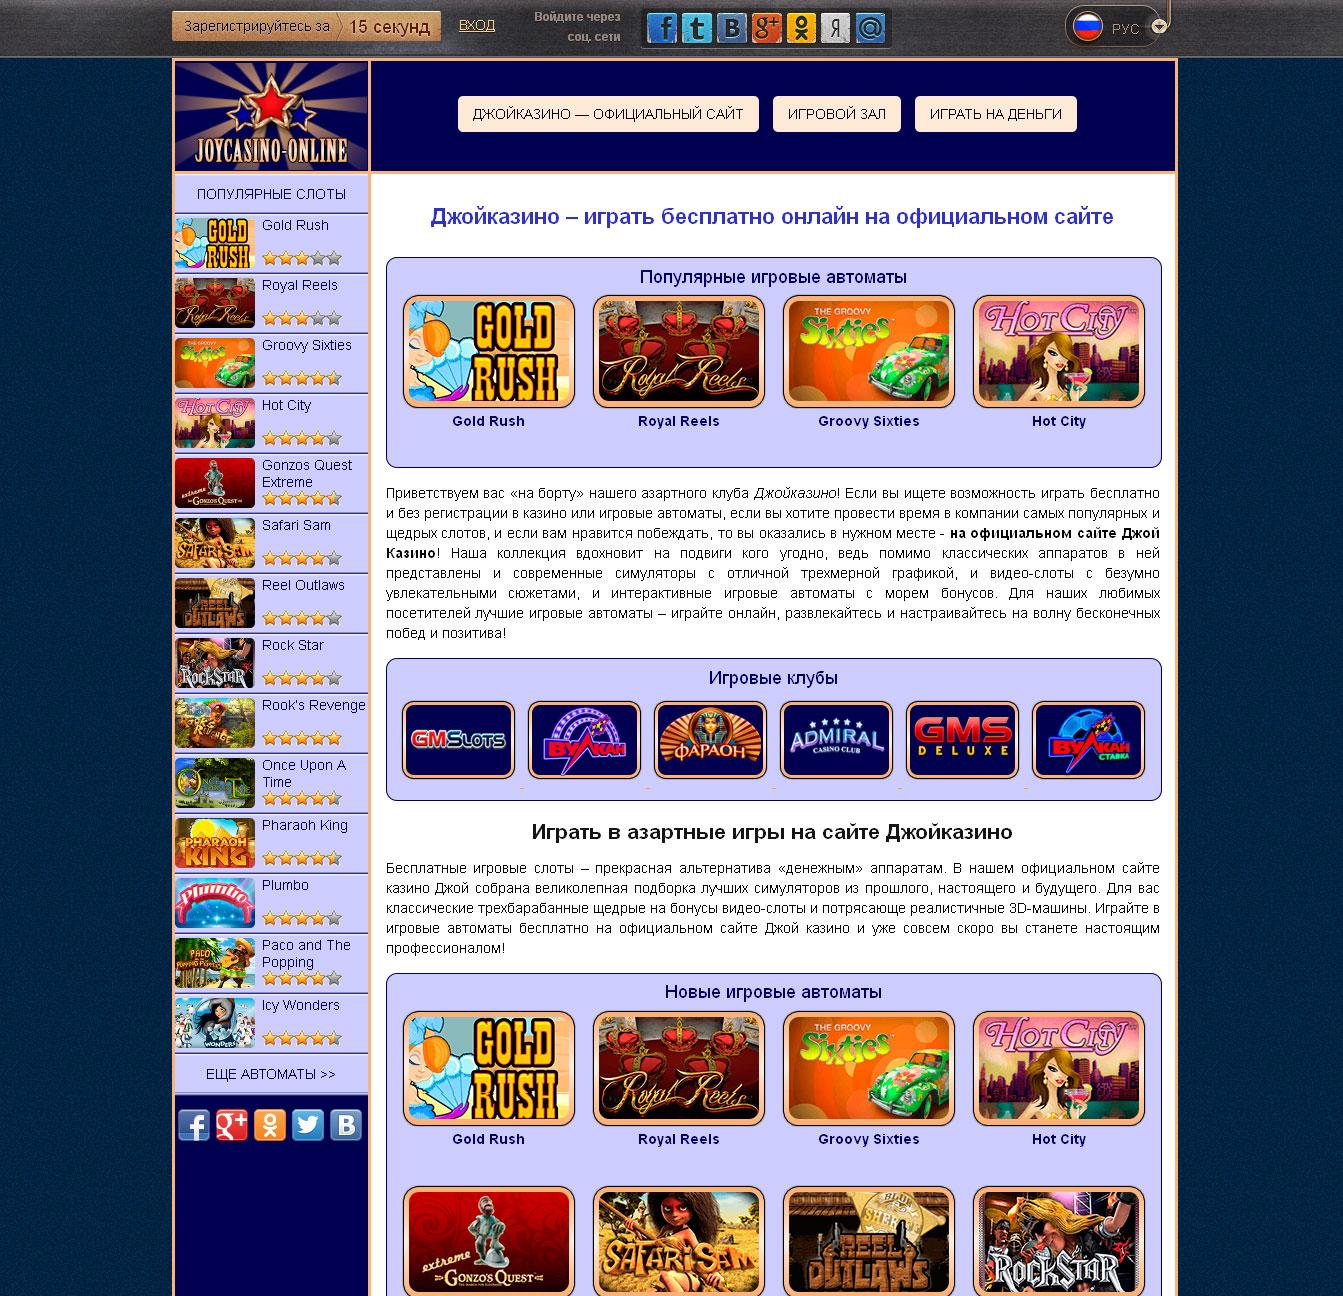 джойказино автоматы официальный сайт